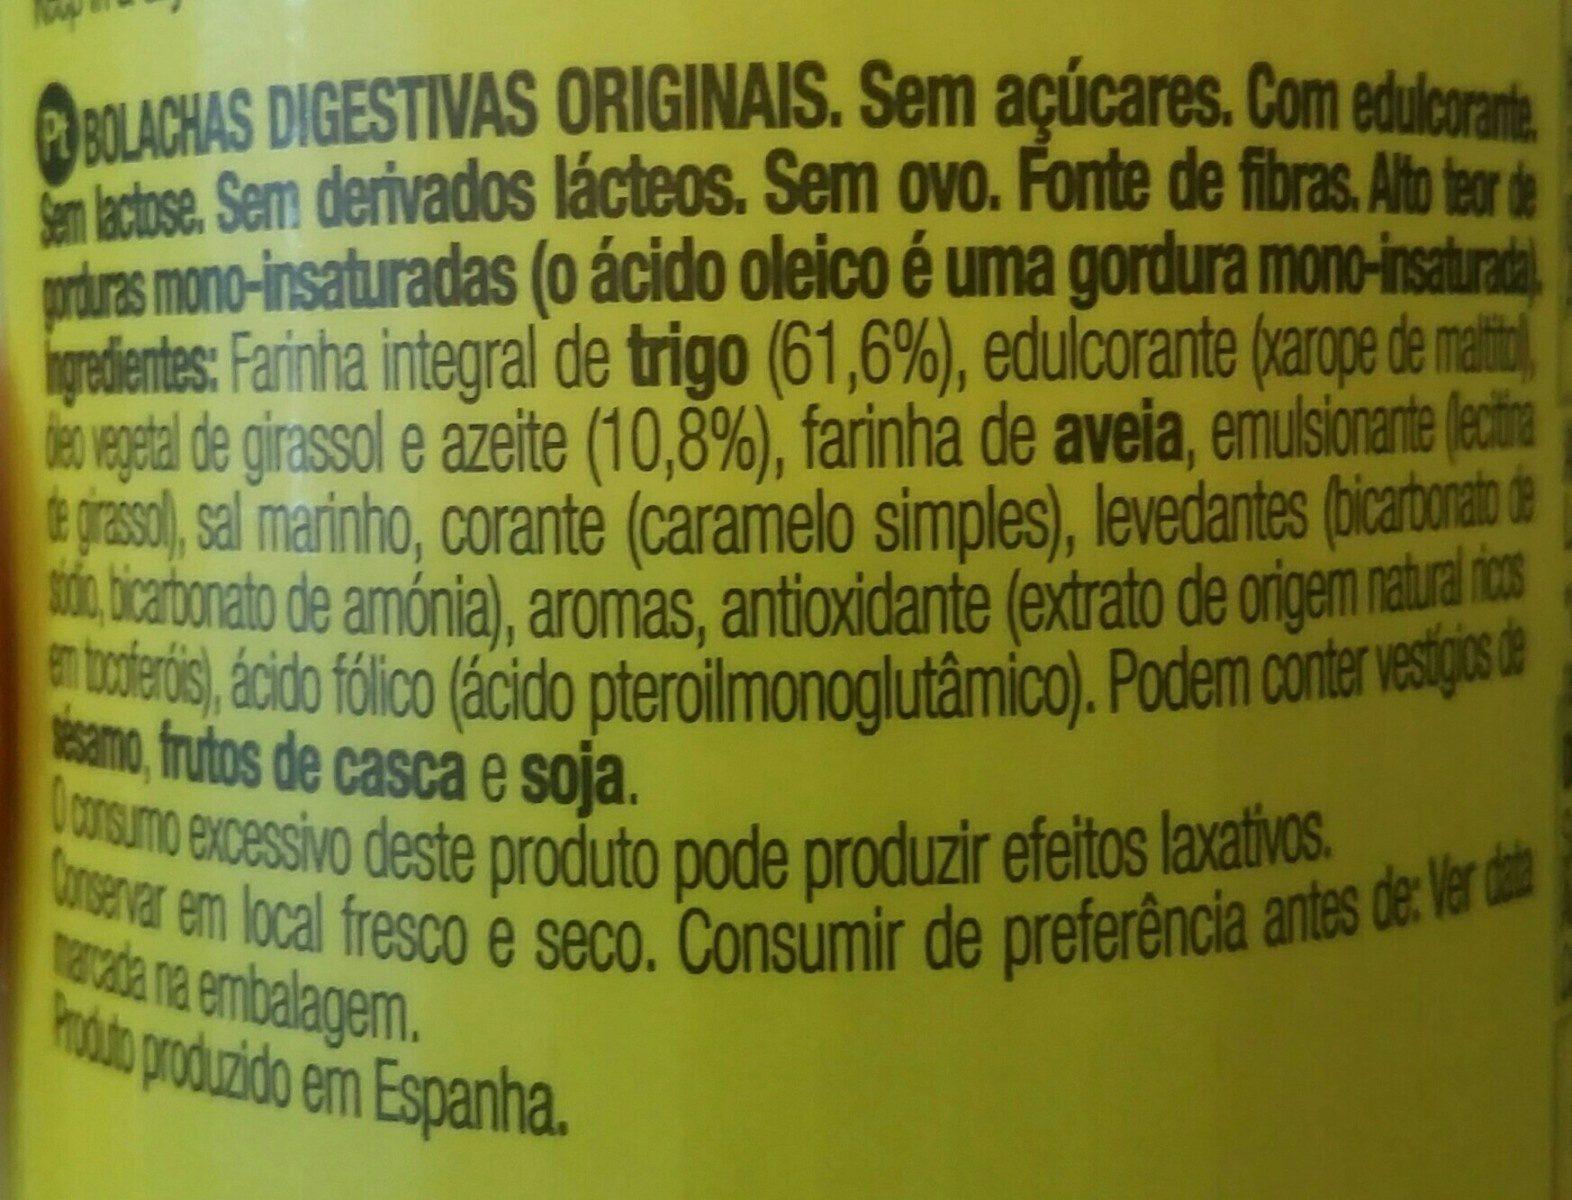 Galletas Digestive Originales - Ingredientes - es